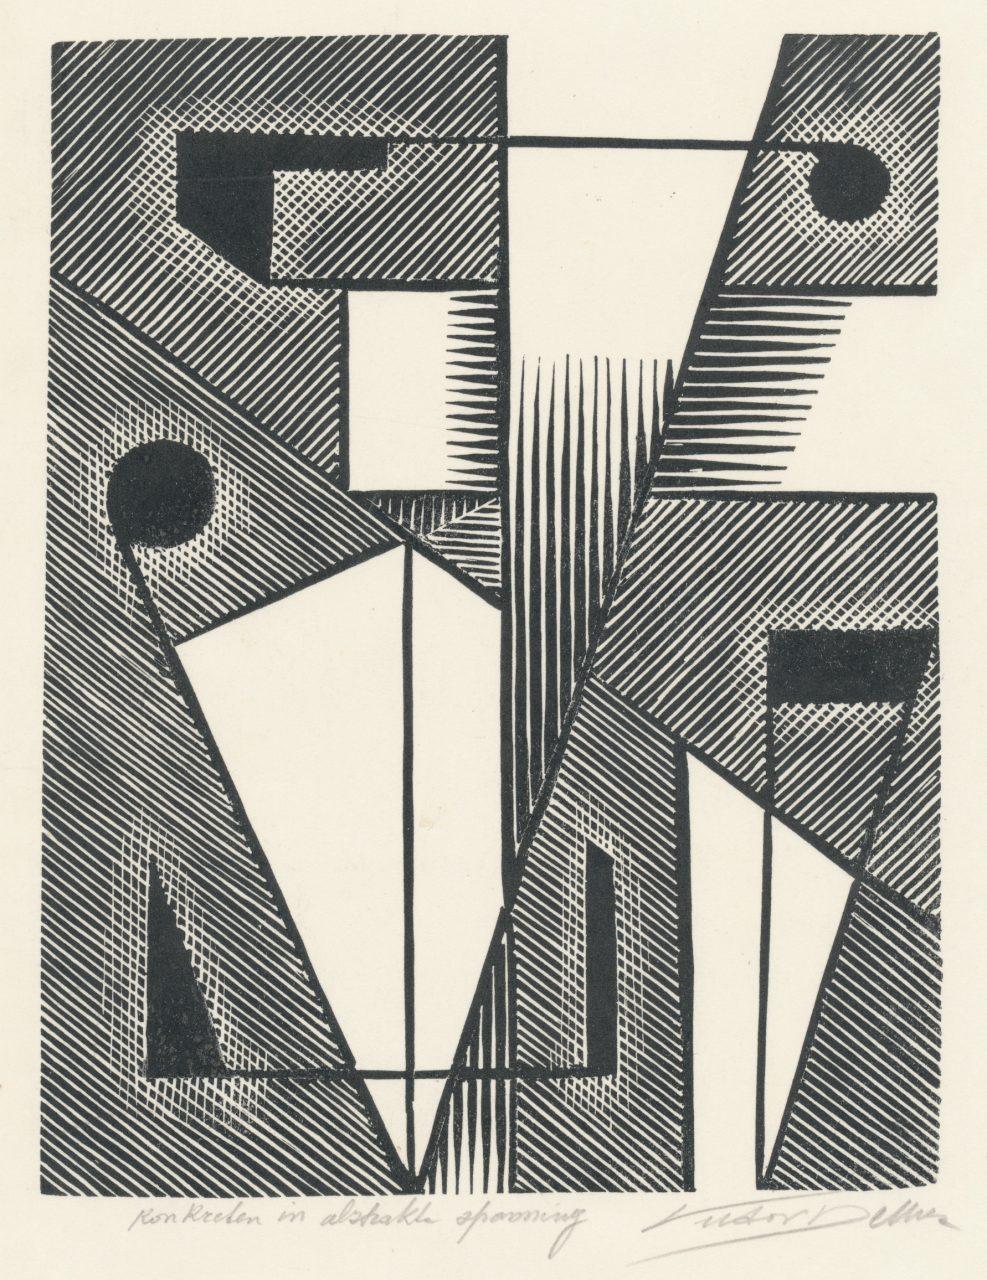 Victor Delhez, Konkreten in abstrakte spanning 02